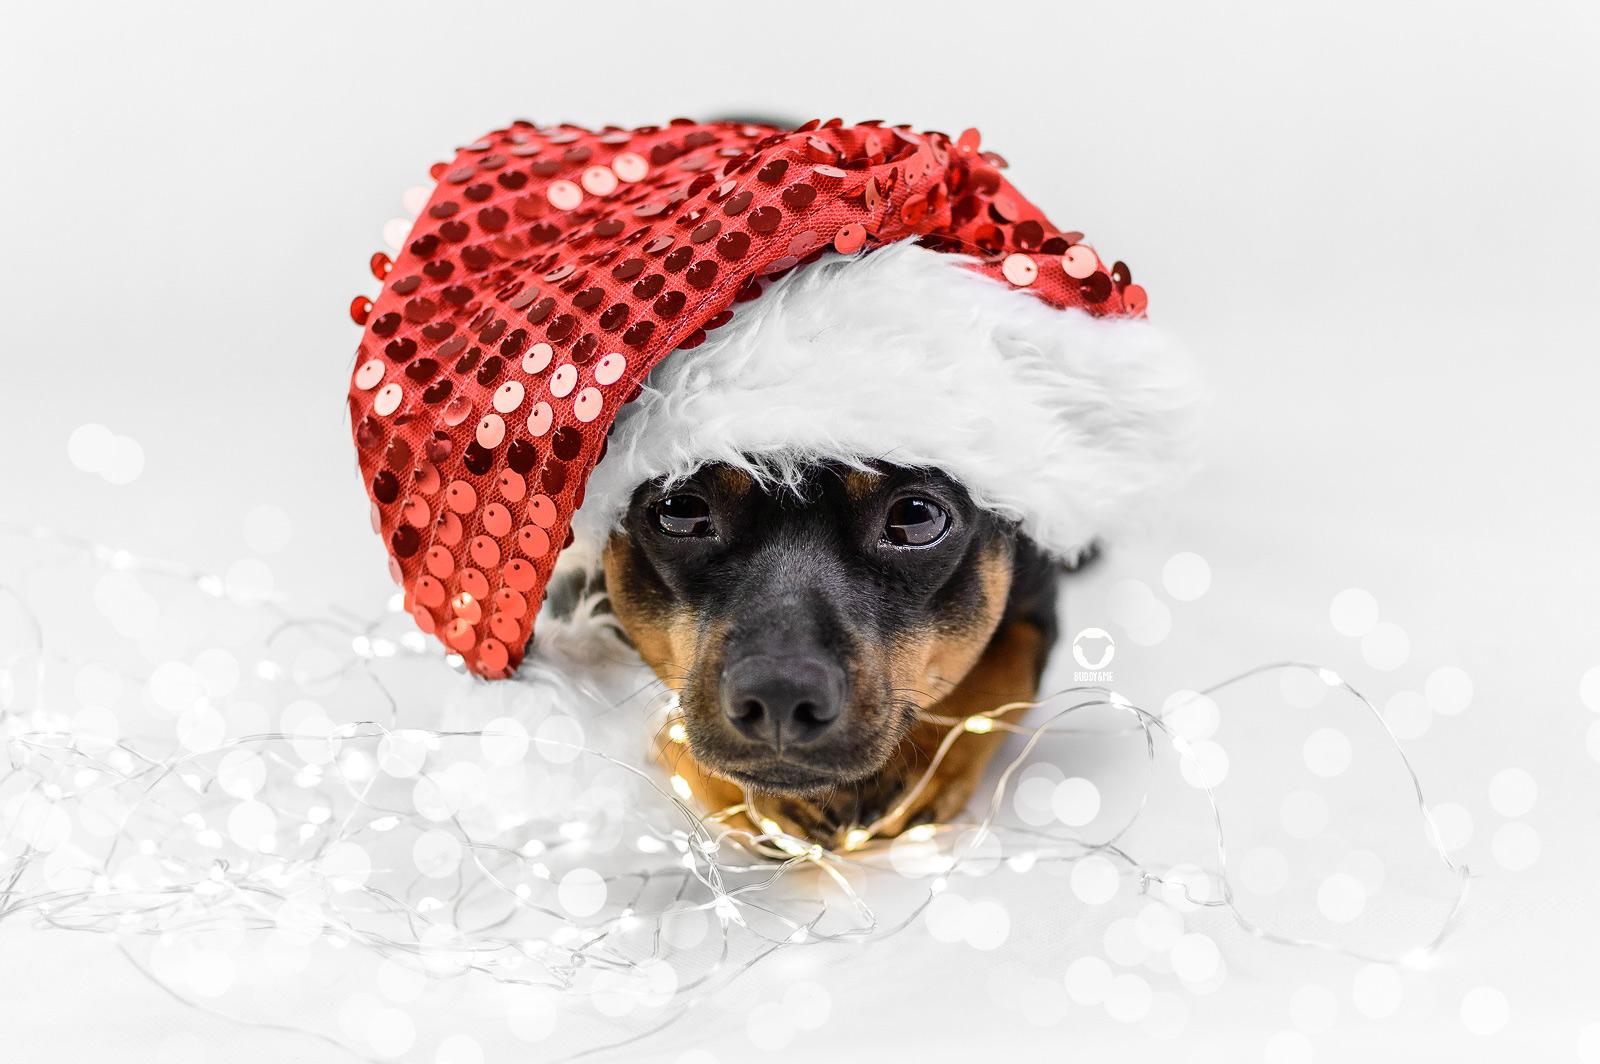 Pinscher Buddy, Buddy and Me, Hundeblog, Dogblog, Weihnachten, Weihnachtsferien, Danke